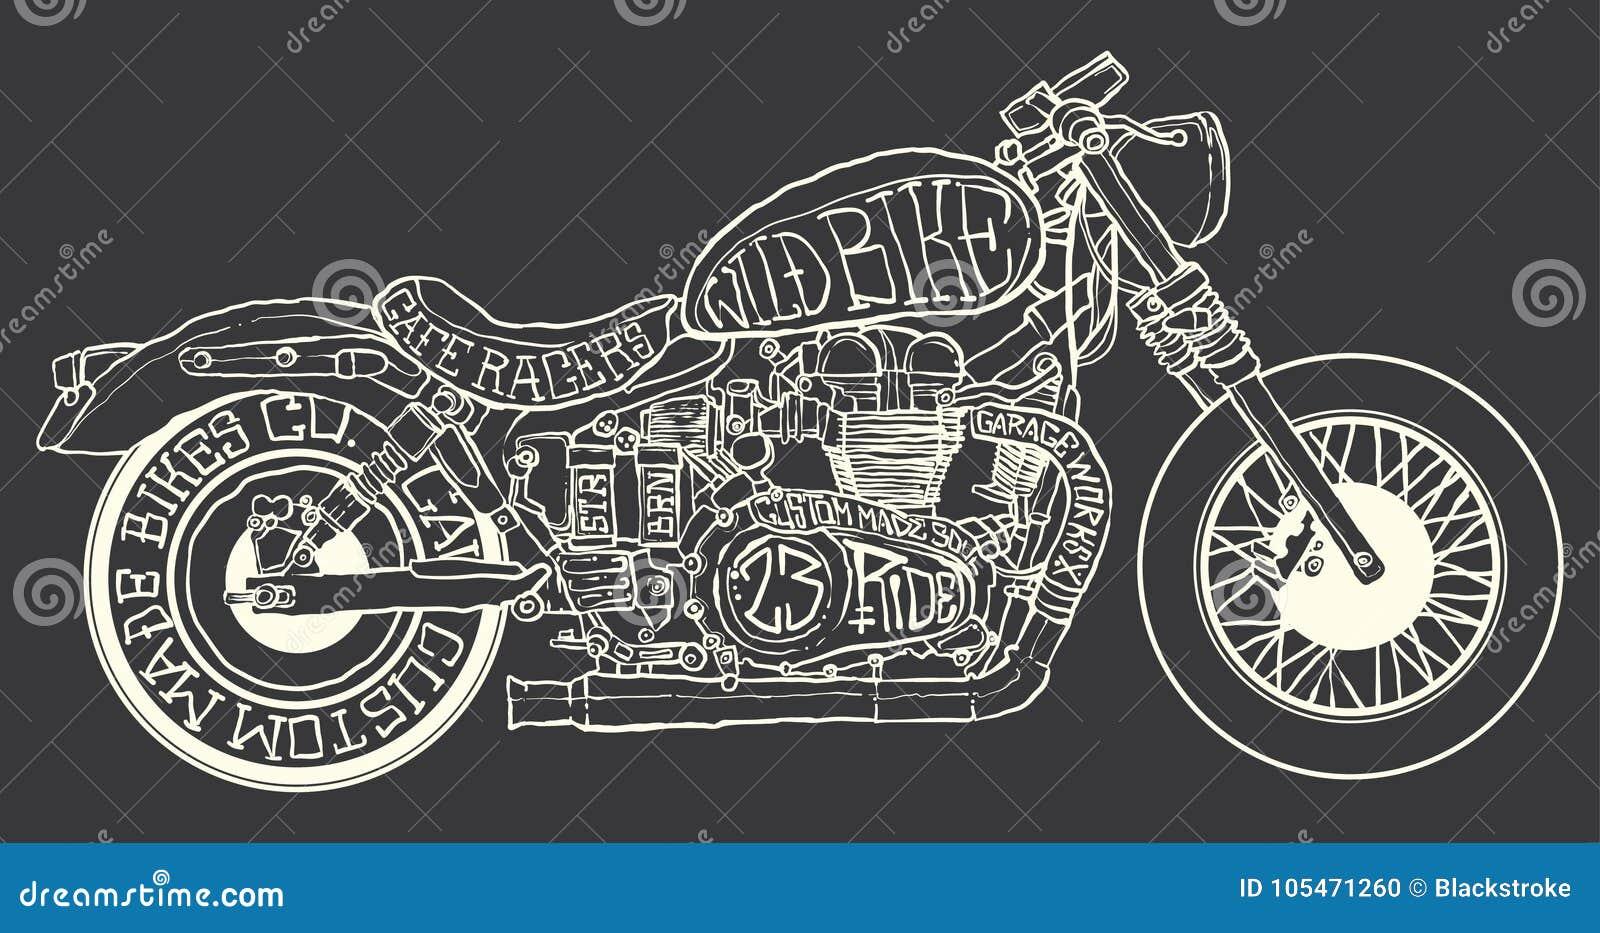 Cafe Racer Drawing Stock Illustration Illustration Of Cafe 105471260